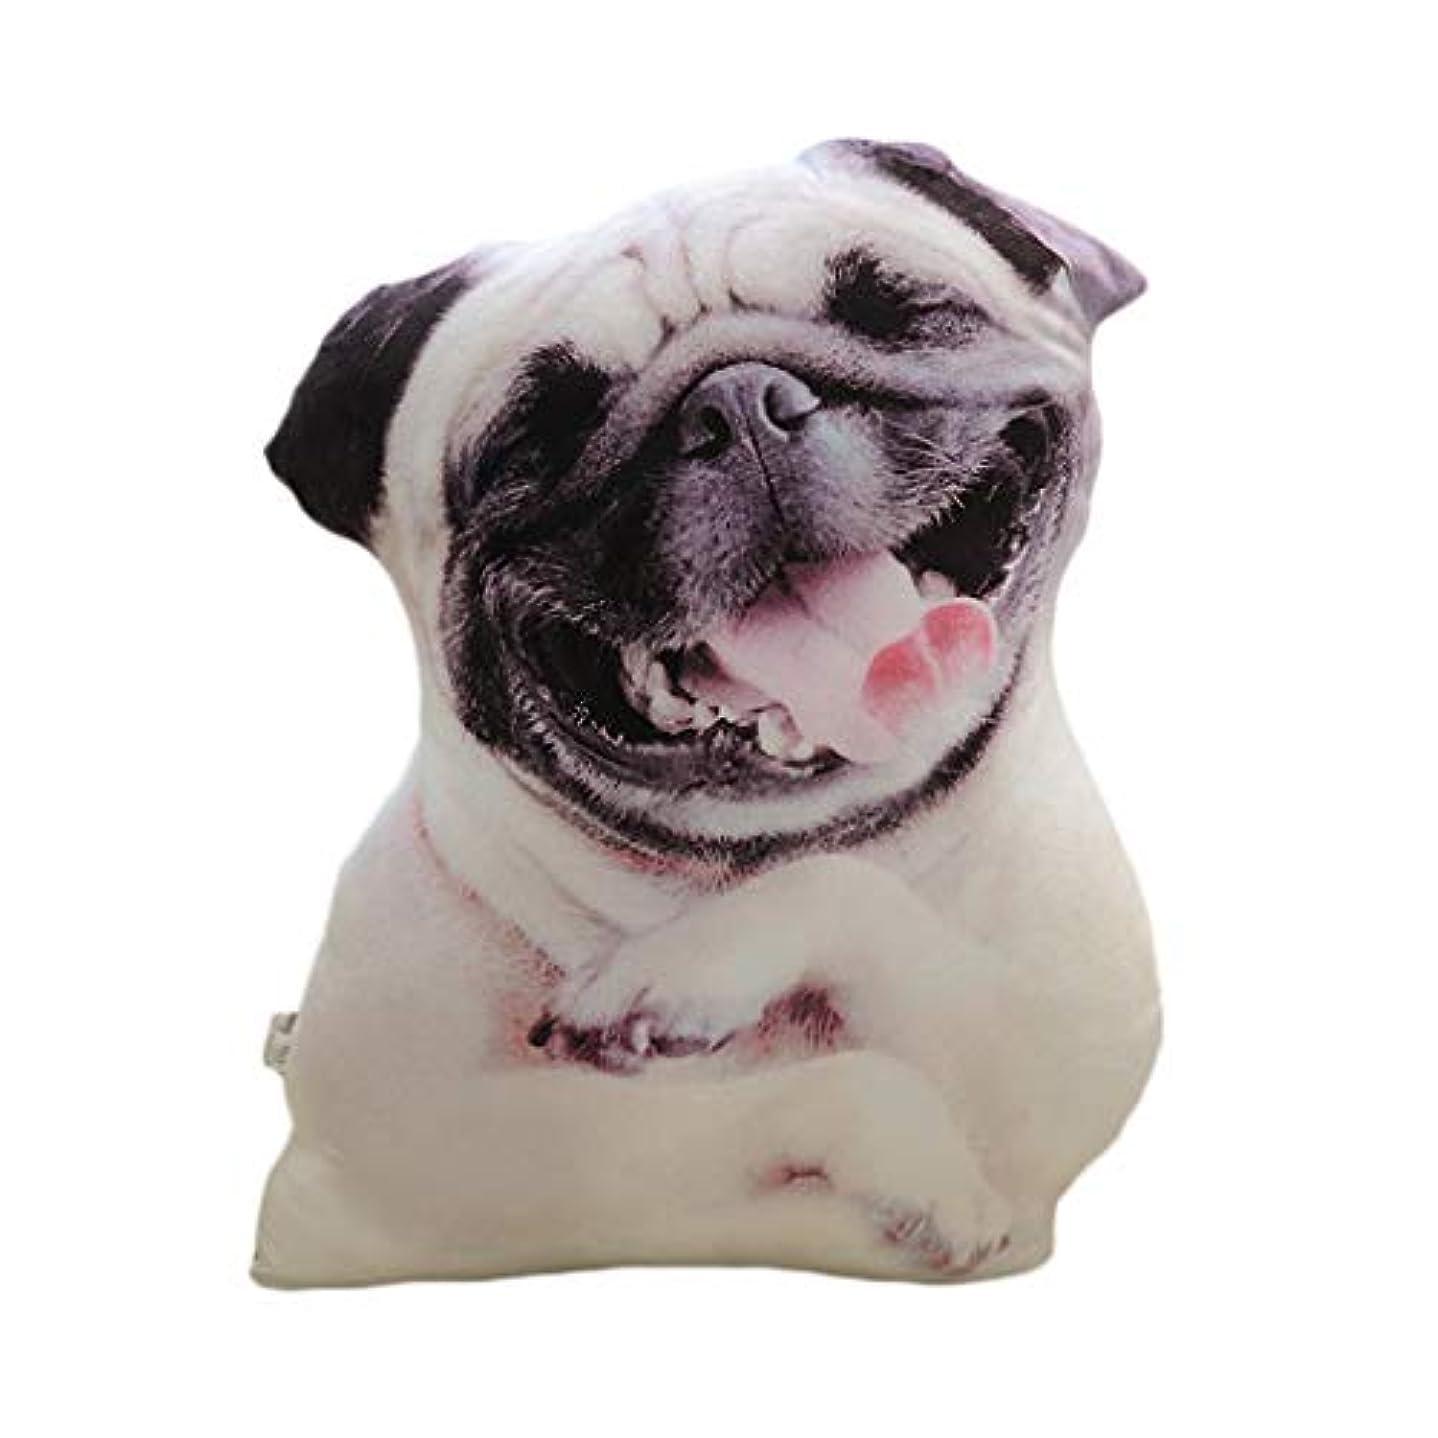 圧縮チューインガムフォーマットLIFE 装飾クッションソファおかしい 3D 犬印刷スロー枕創造クッションかわいいぬいぐるみギフト家の装飾 coussin decoratif クッション 椅子